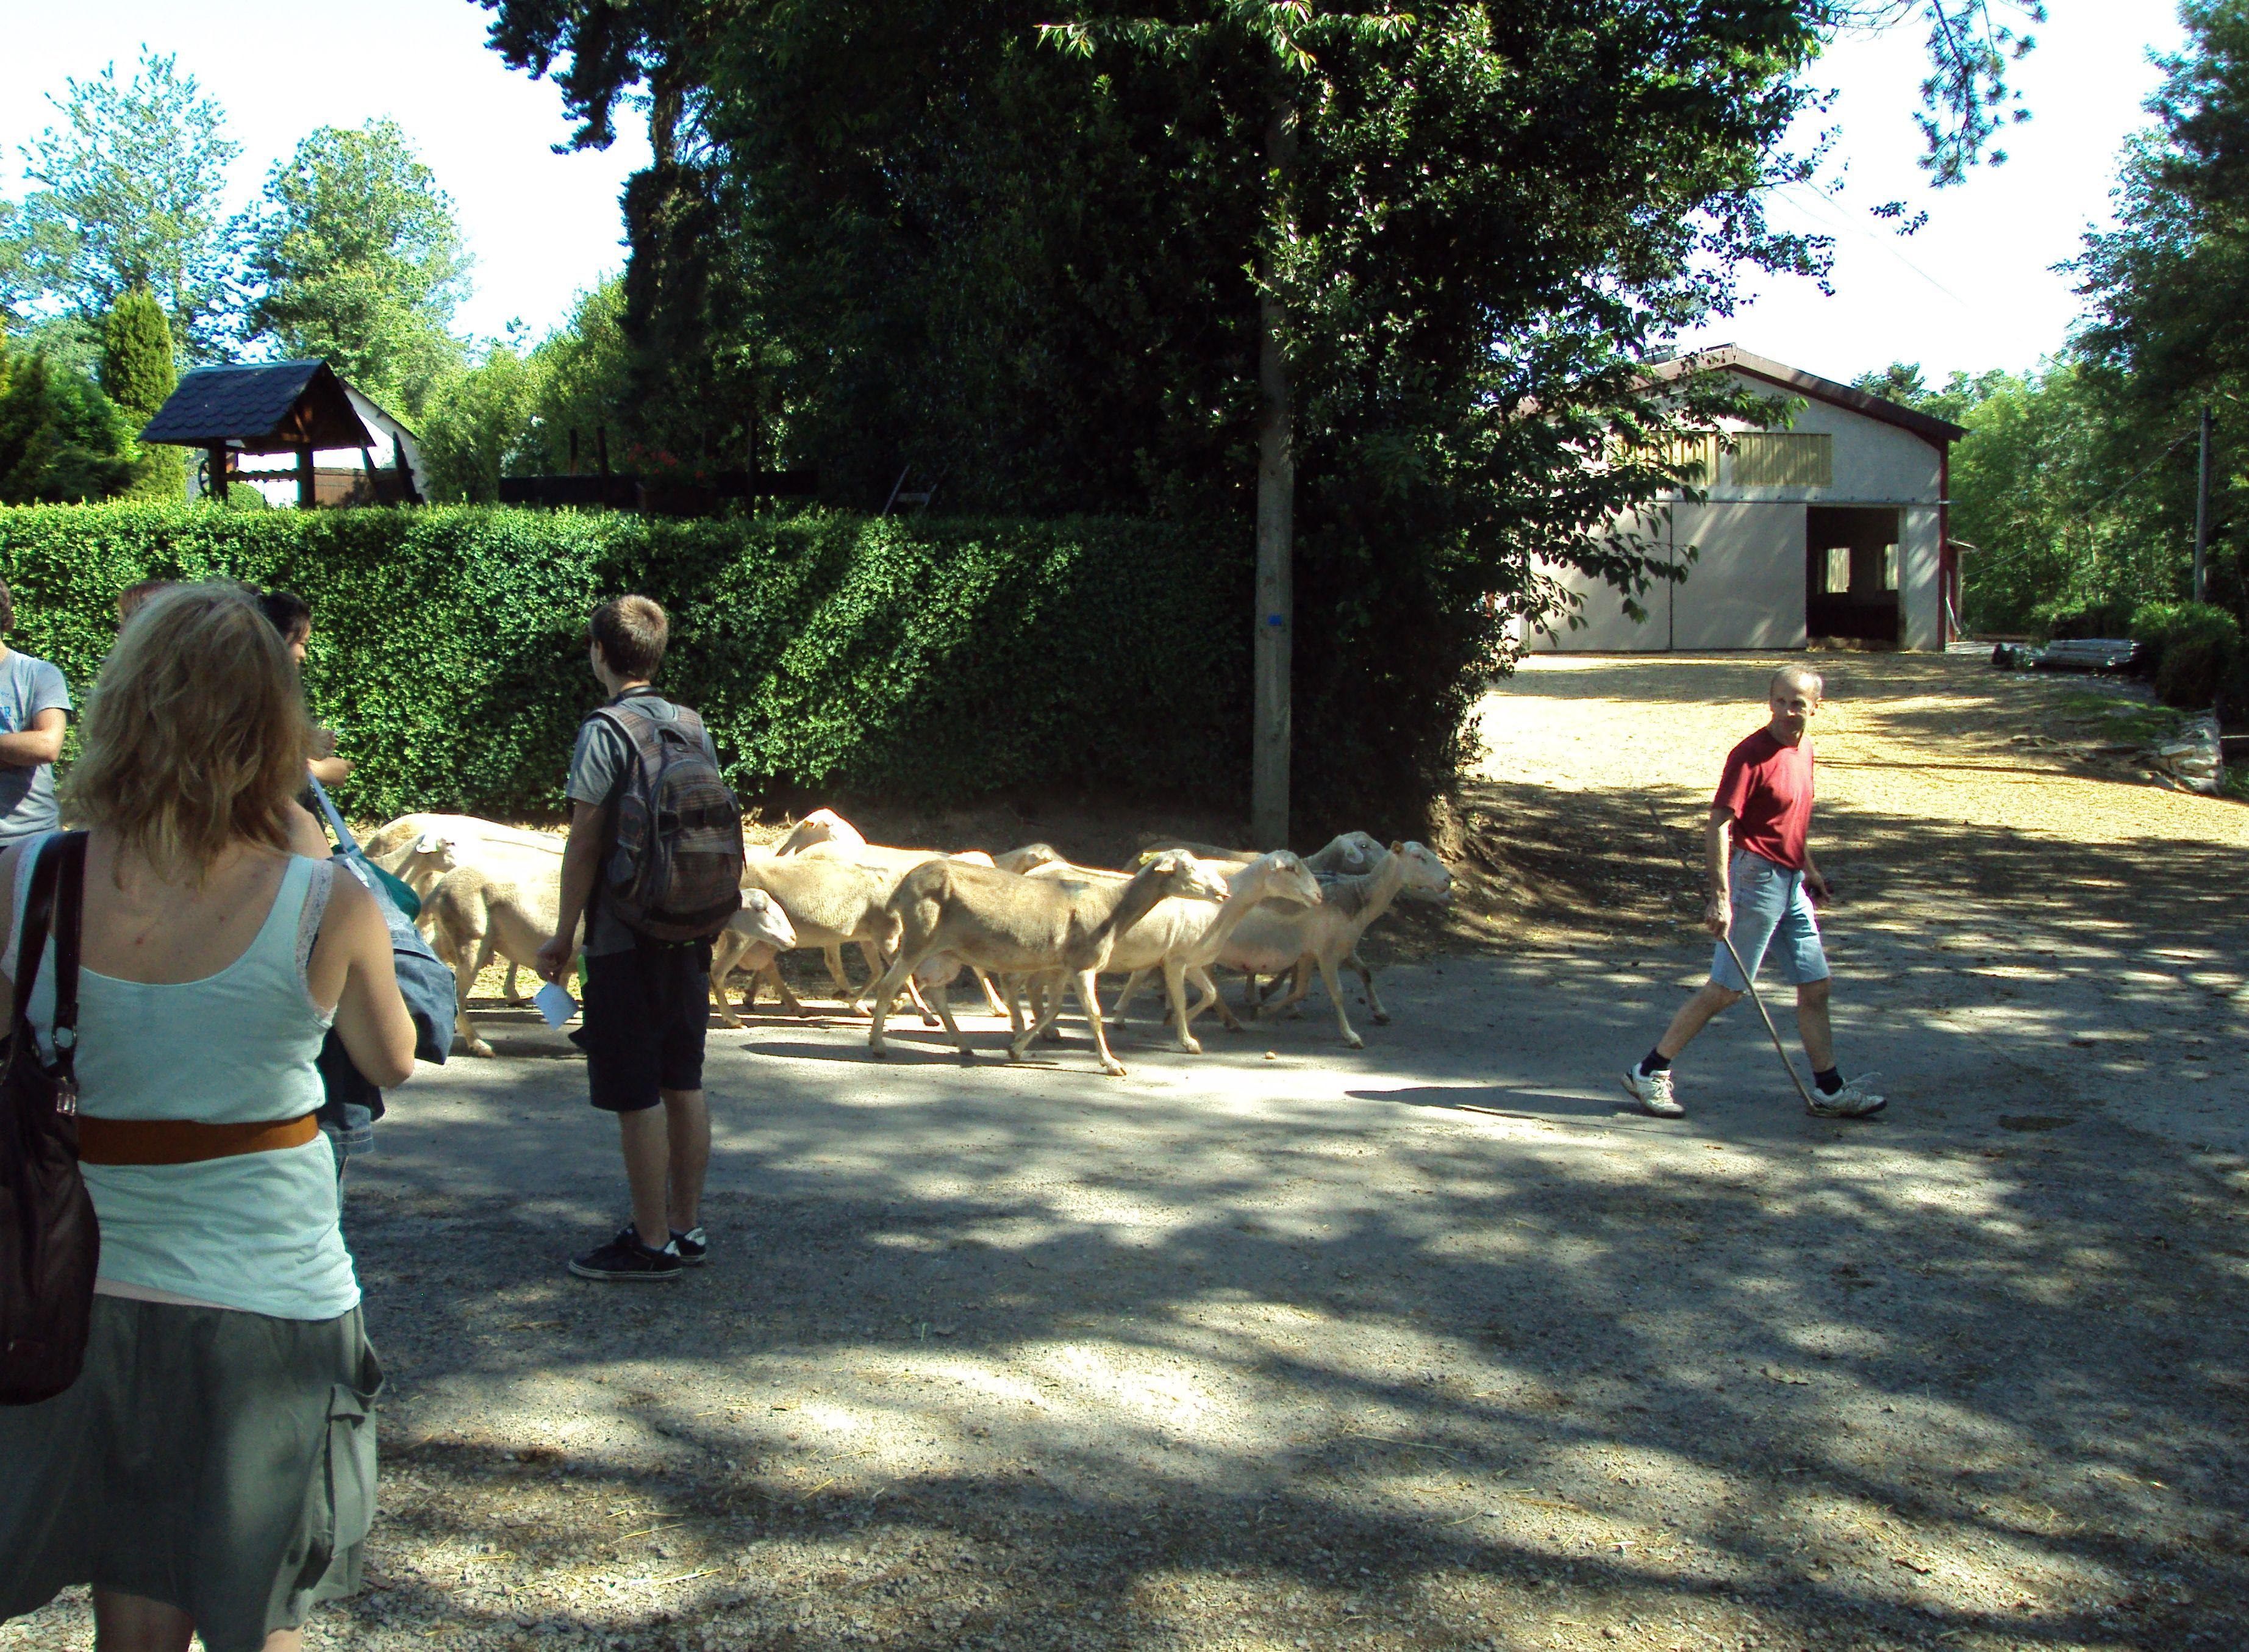 accompagner  le troupeau de brebis